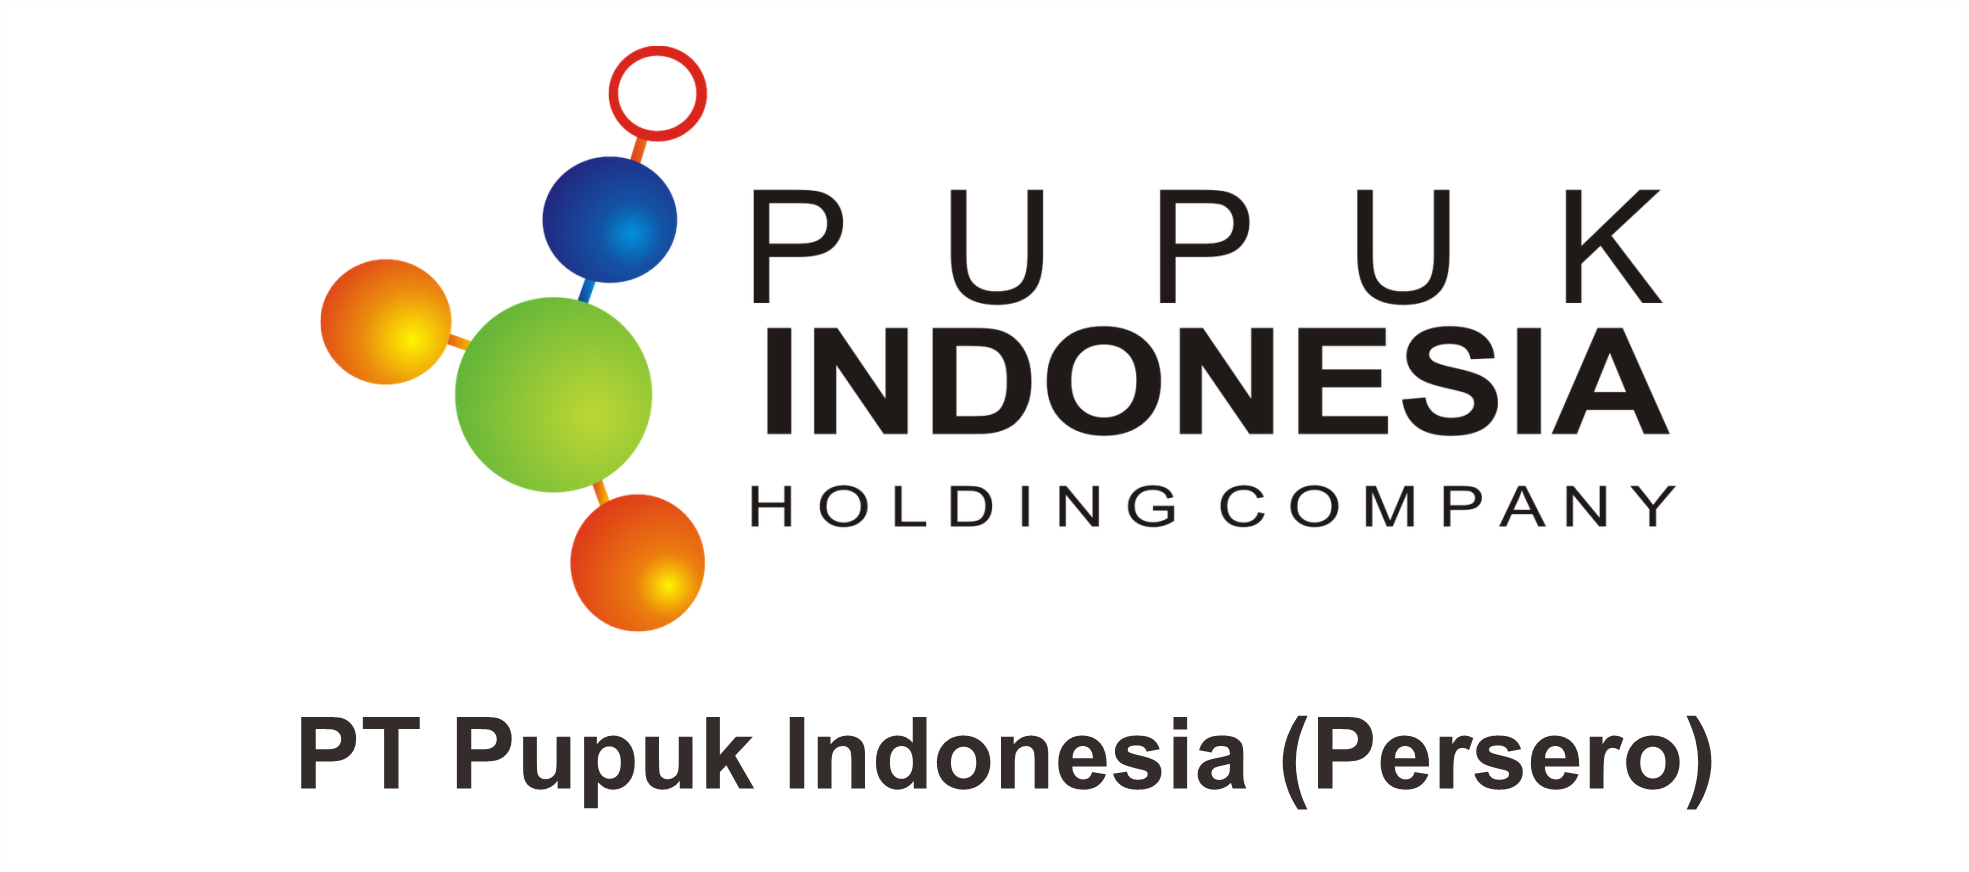 PT Pupuk Indonesia (Persero)